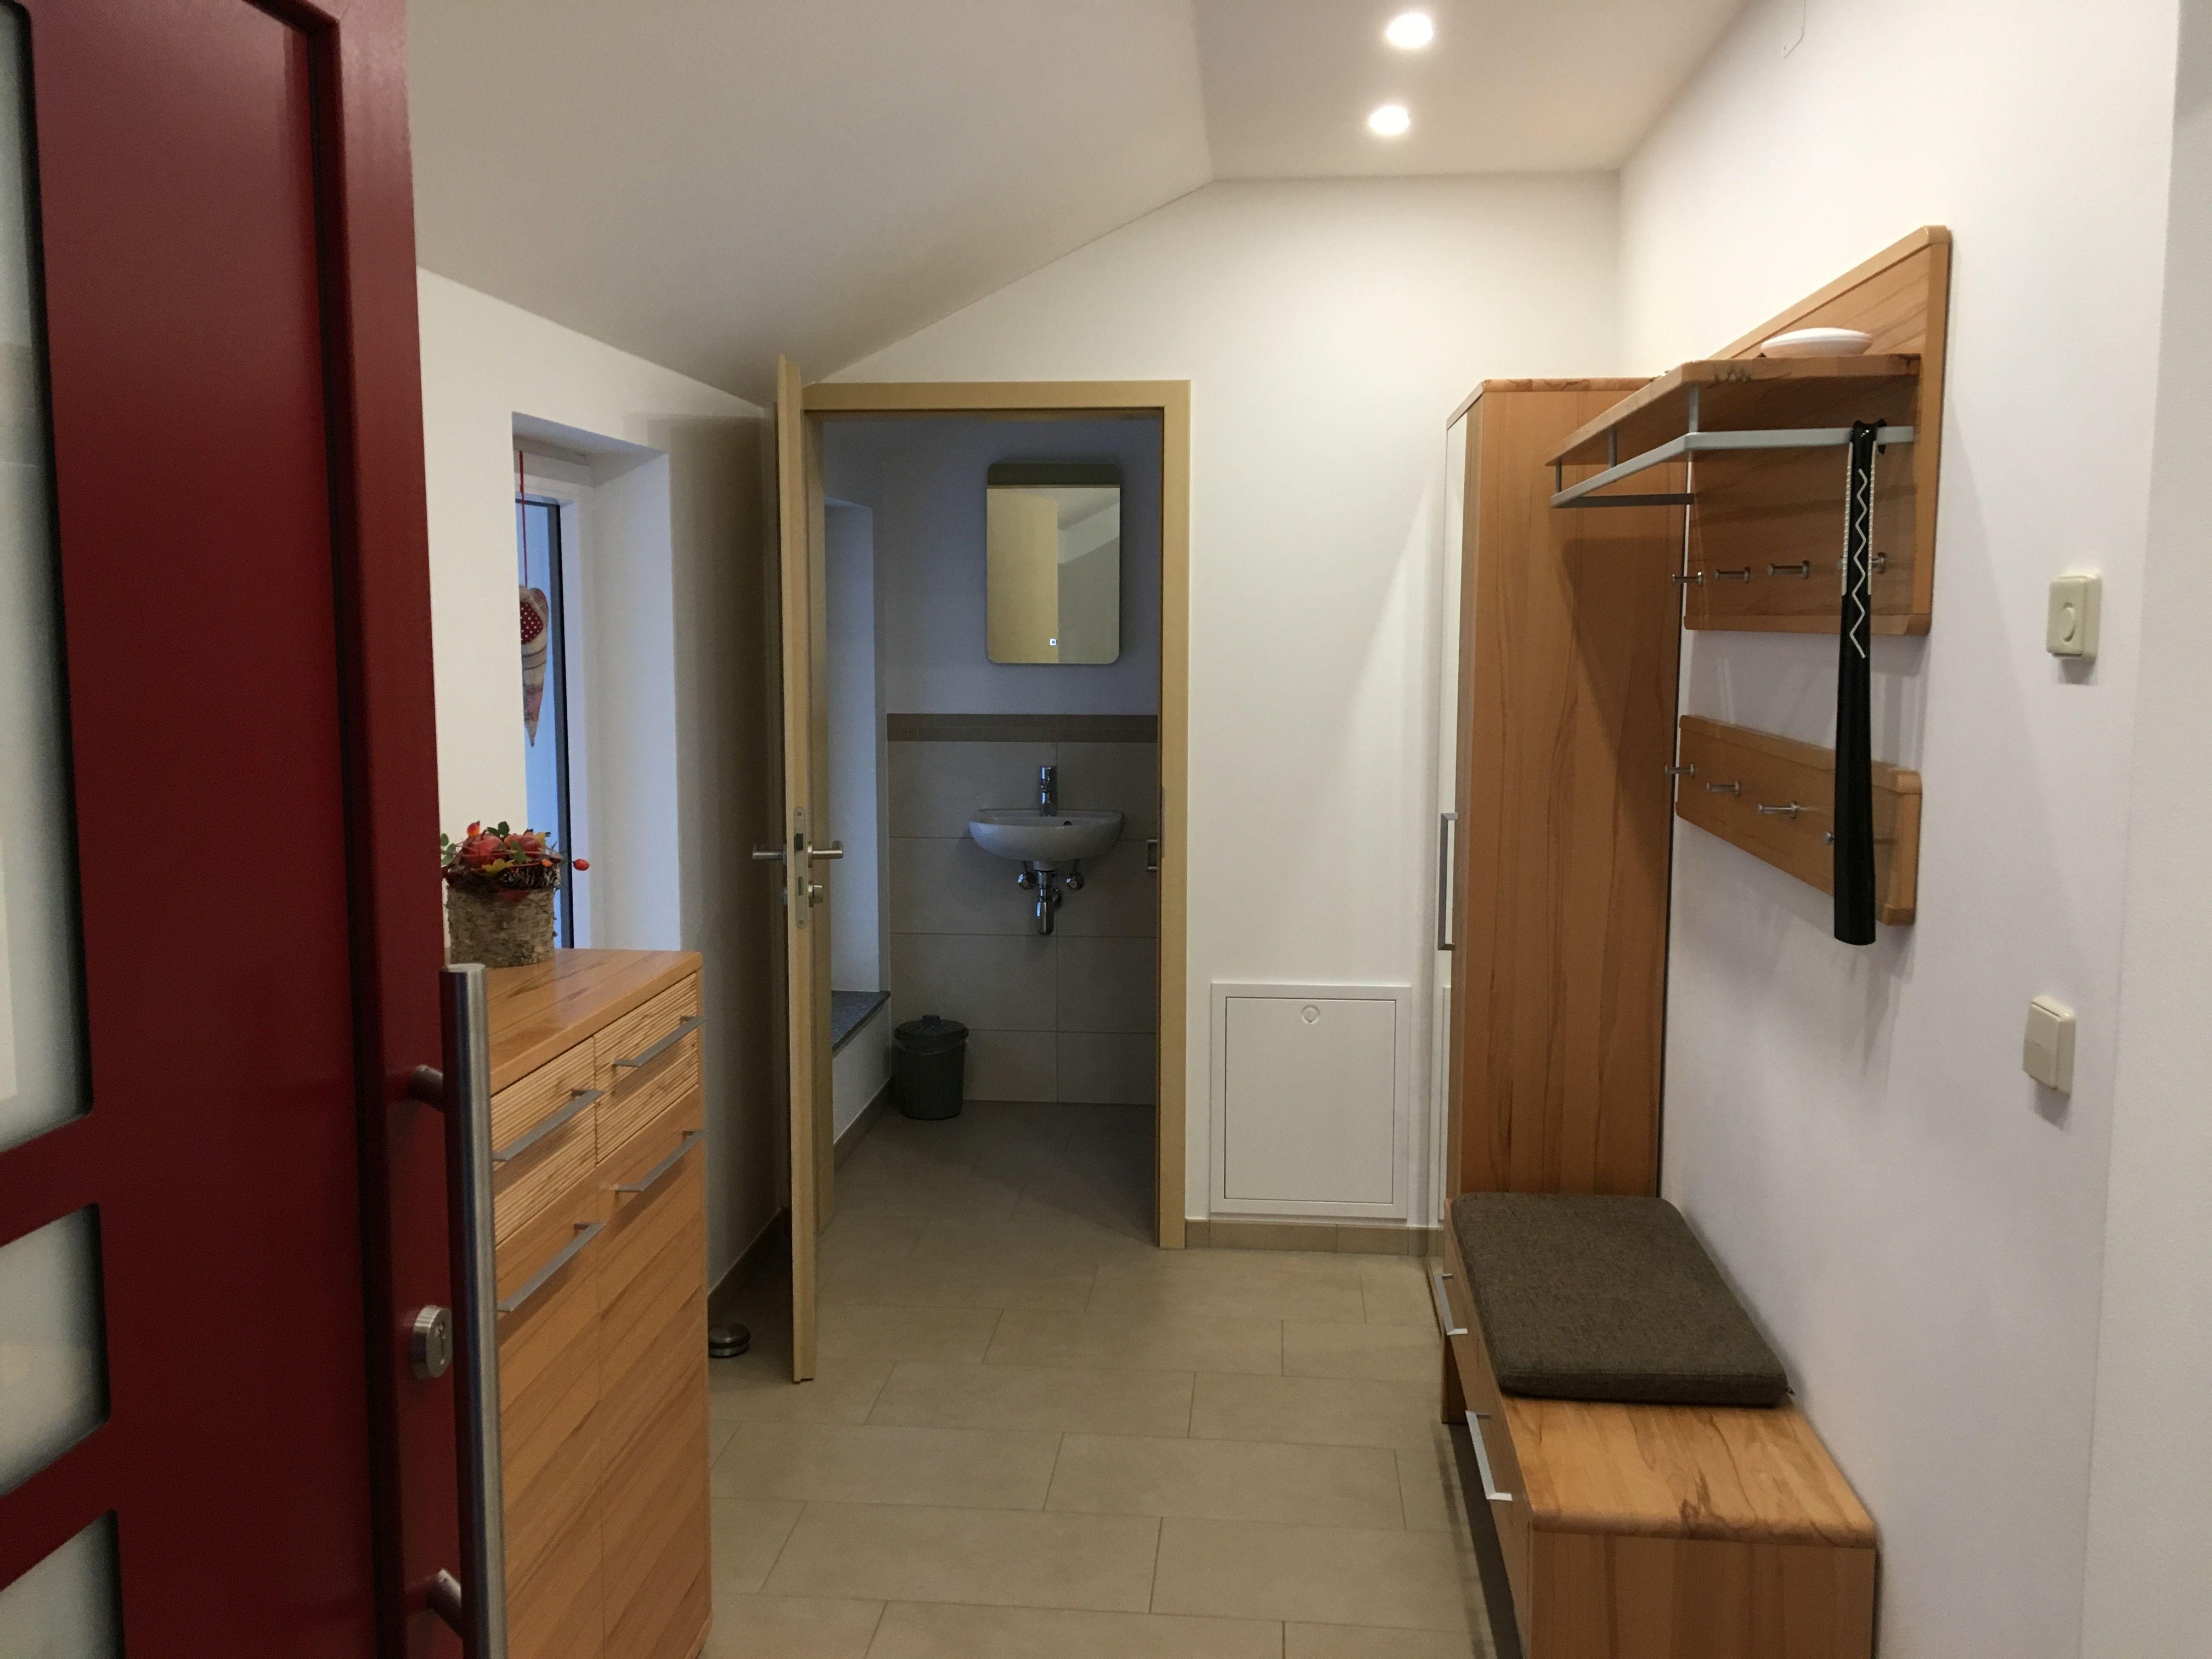 Windfang + WC:Blick in den Eingangsbereich mit Garderobe und WC.